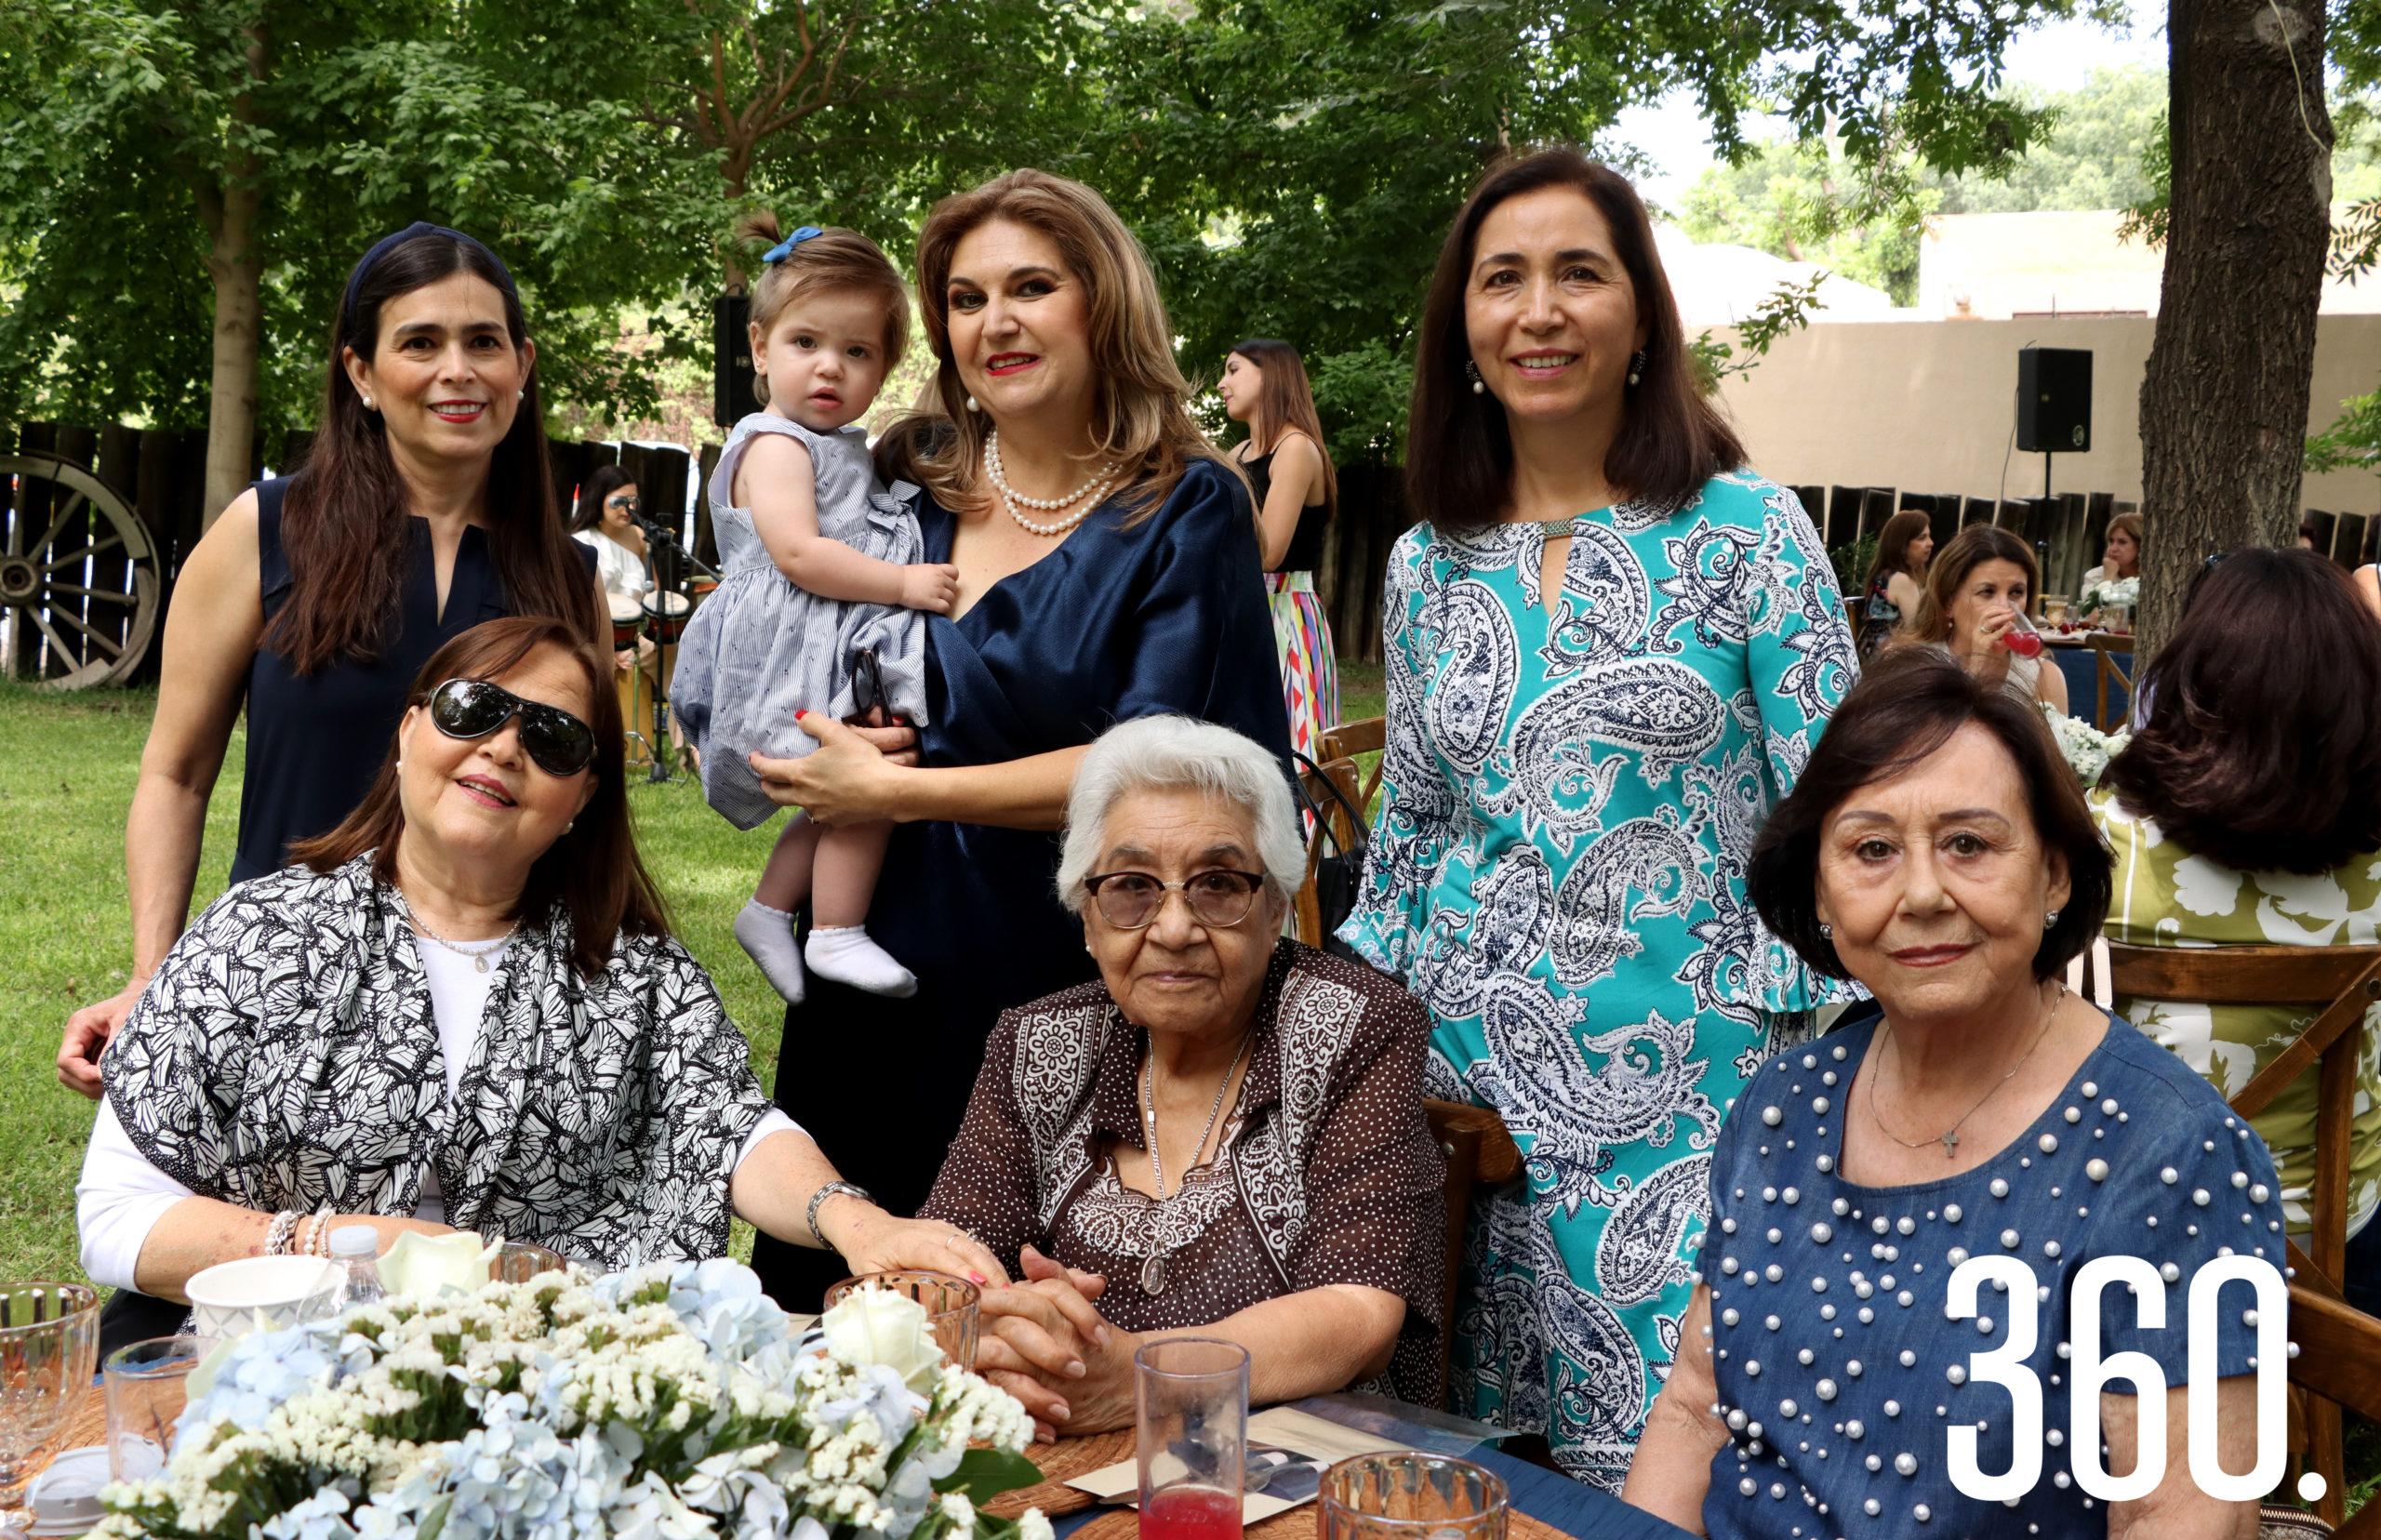 Yolanda Lozano, Ana María Rendón, Cuquis Figueroa, Olga Treviño, Martha Zapata, Armandina Morales y Ale Peart.